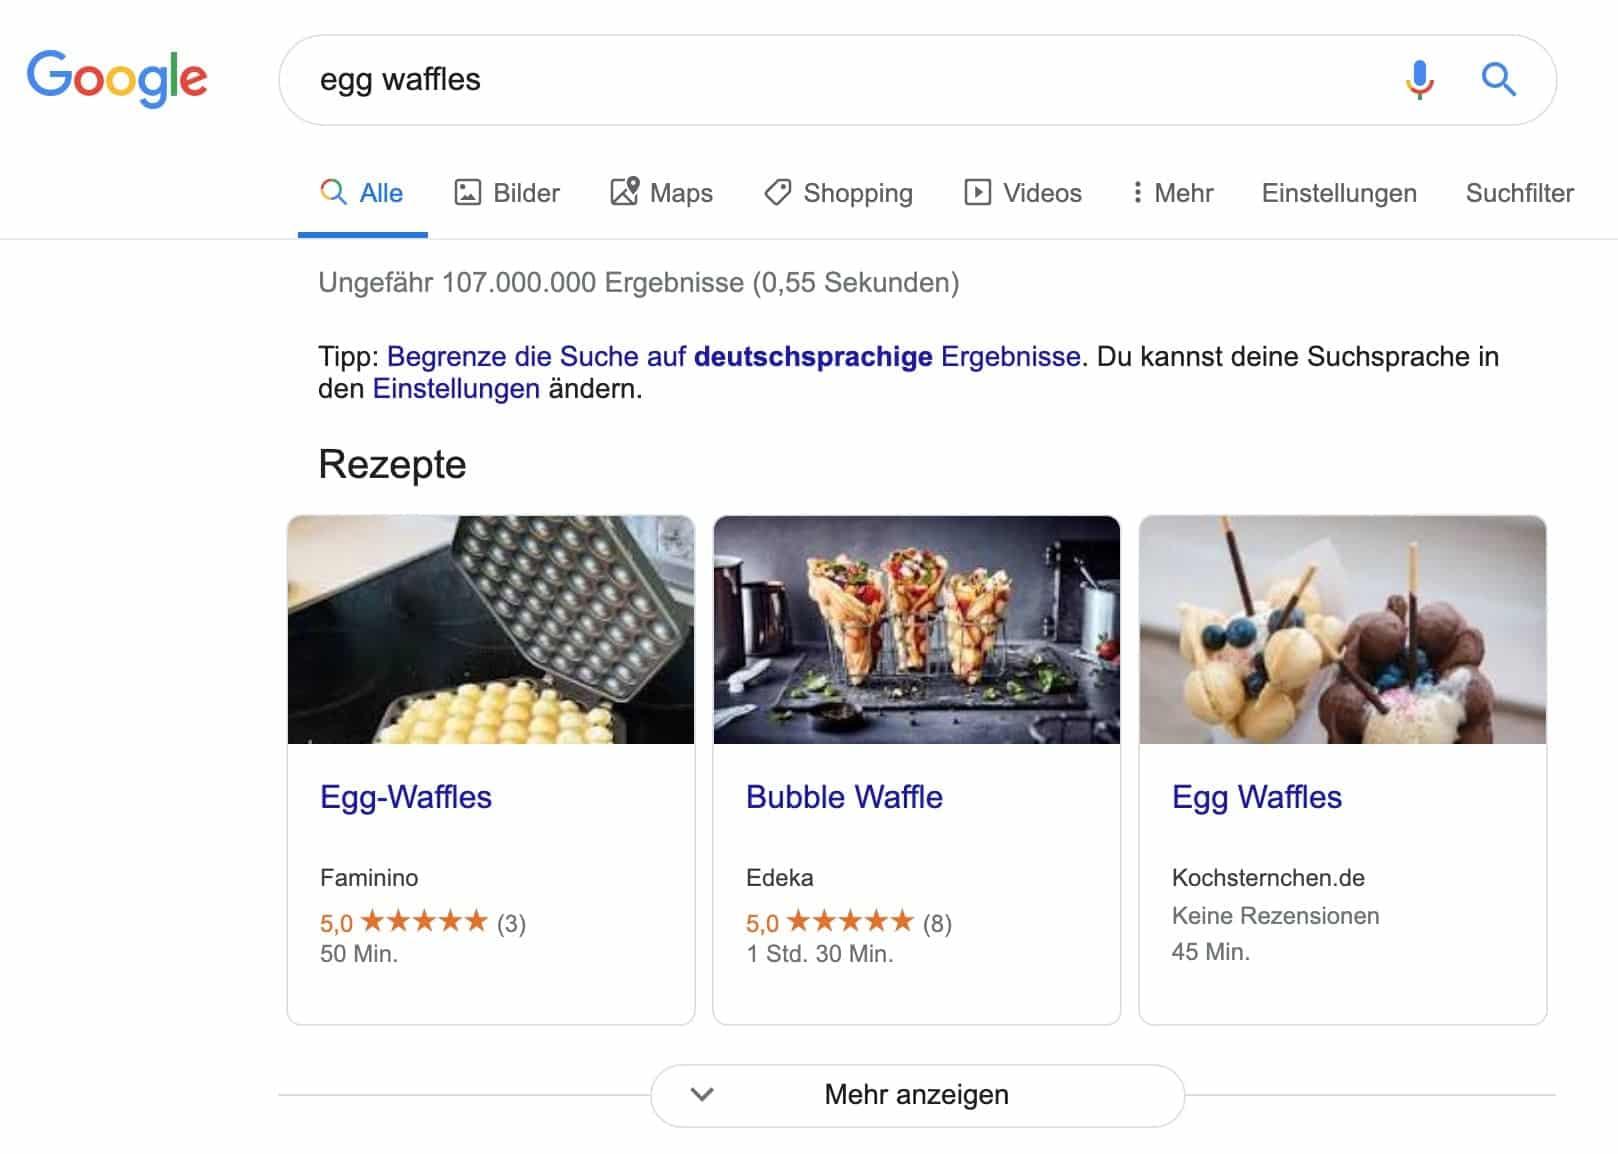 Rezept-Karussell in der Google-Suche